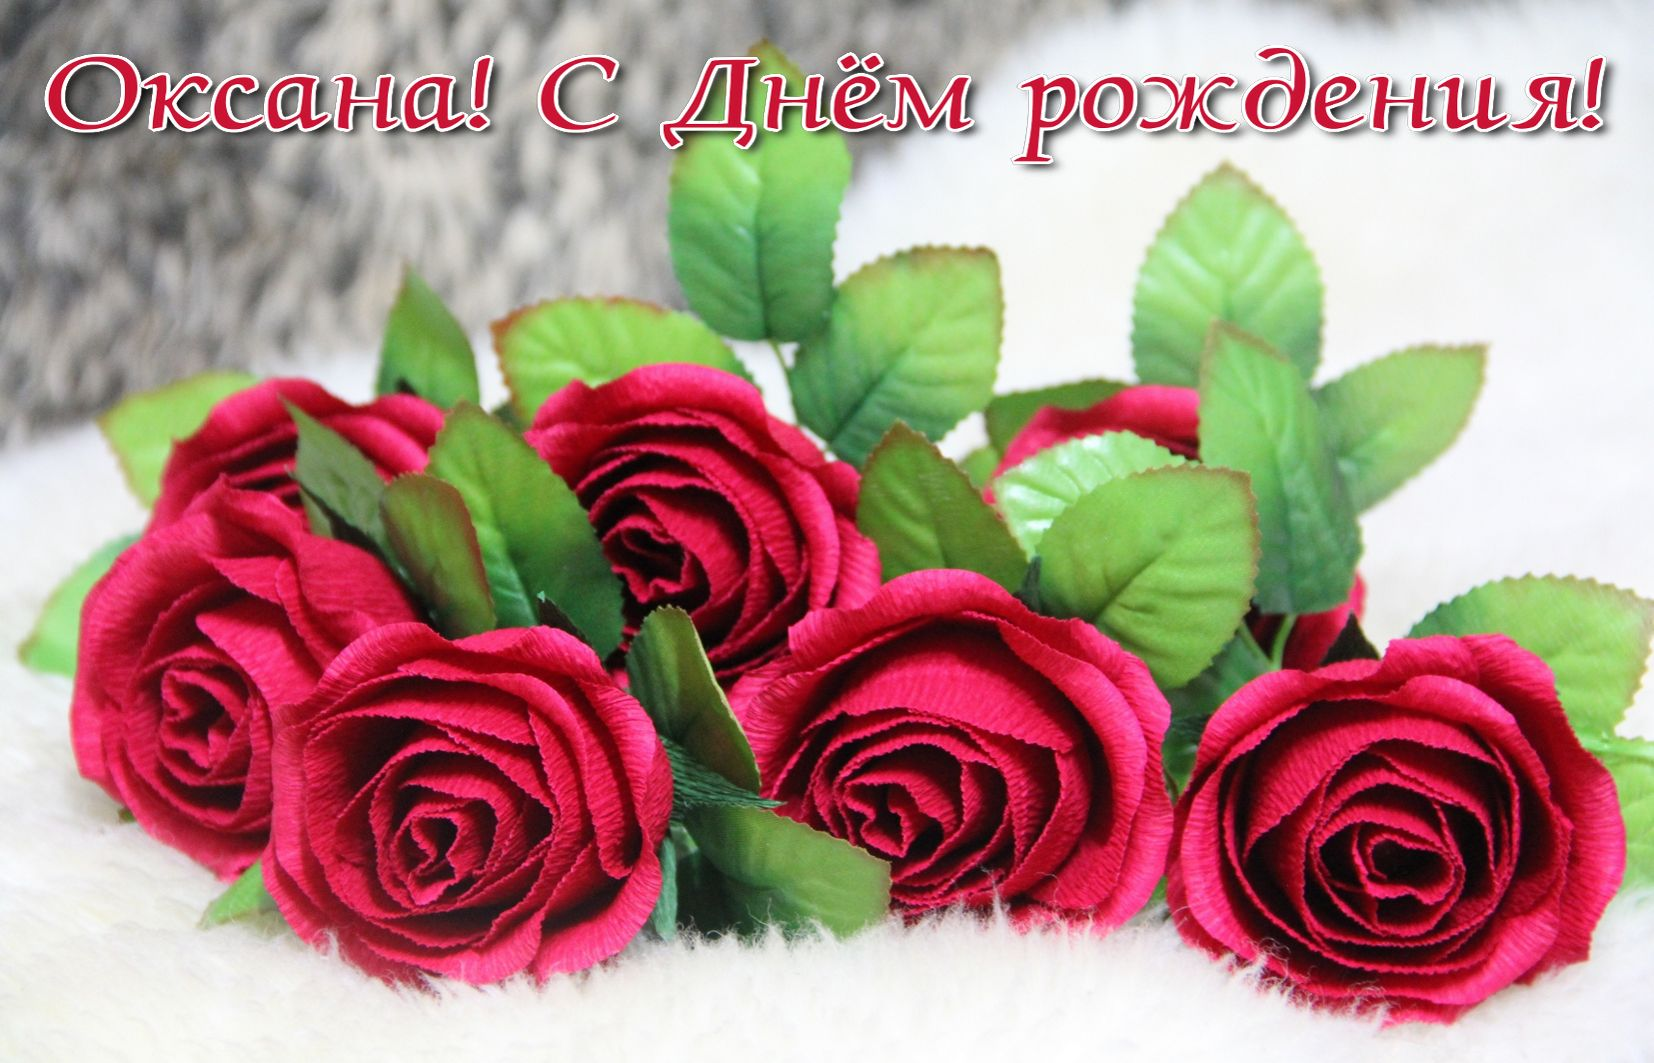 Открытка на День рождения Оксане - красные розы в красивом оформлении